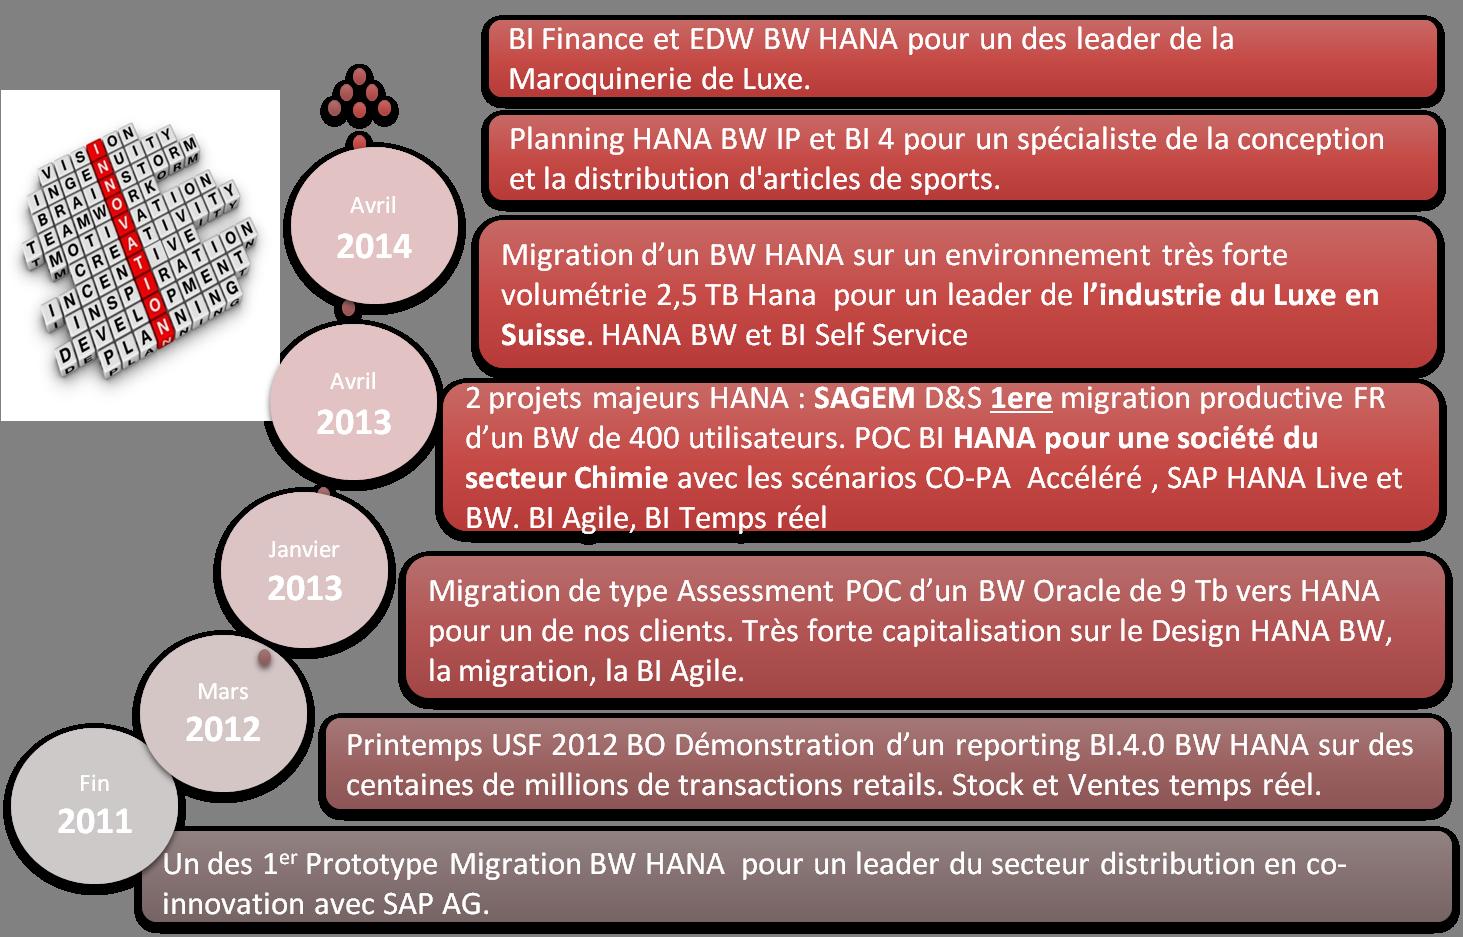 Planeum a toujours été au premier plan de l'innovation sur SAP HANA